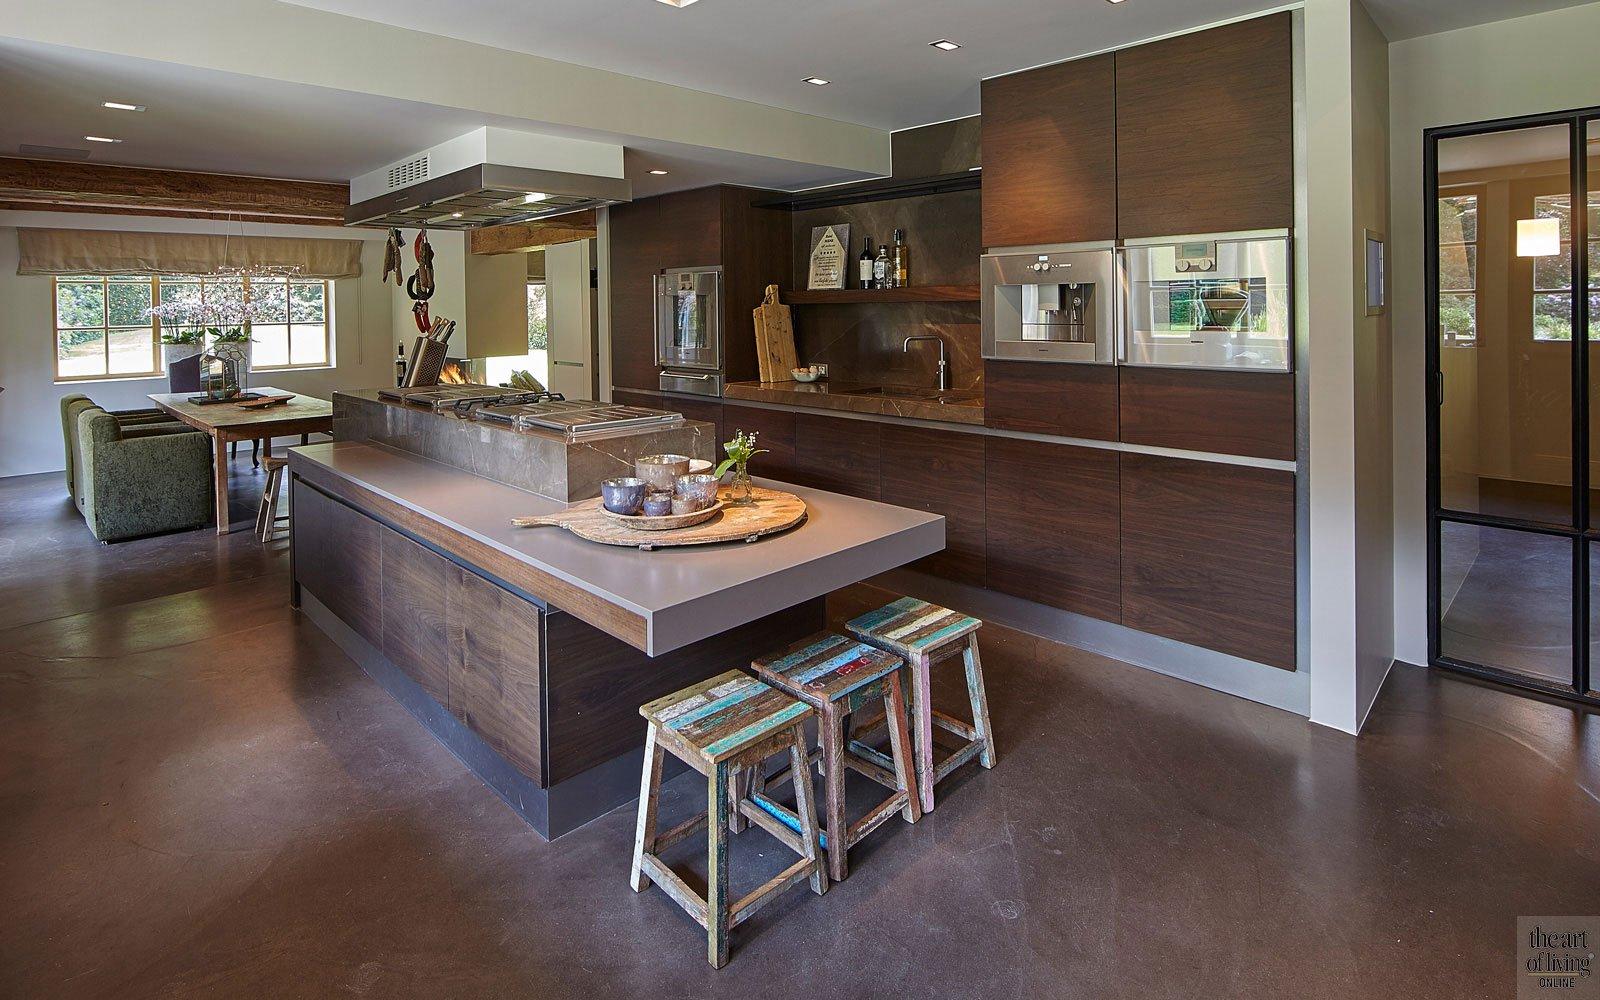 jaren 70 villa, Eric Kant, the art of living, keuken, keukens, kitchen, woonkeuken, design keukens, exclusieve keukens, exclusief, luxueus